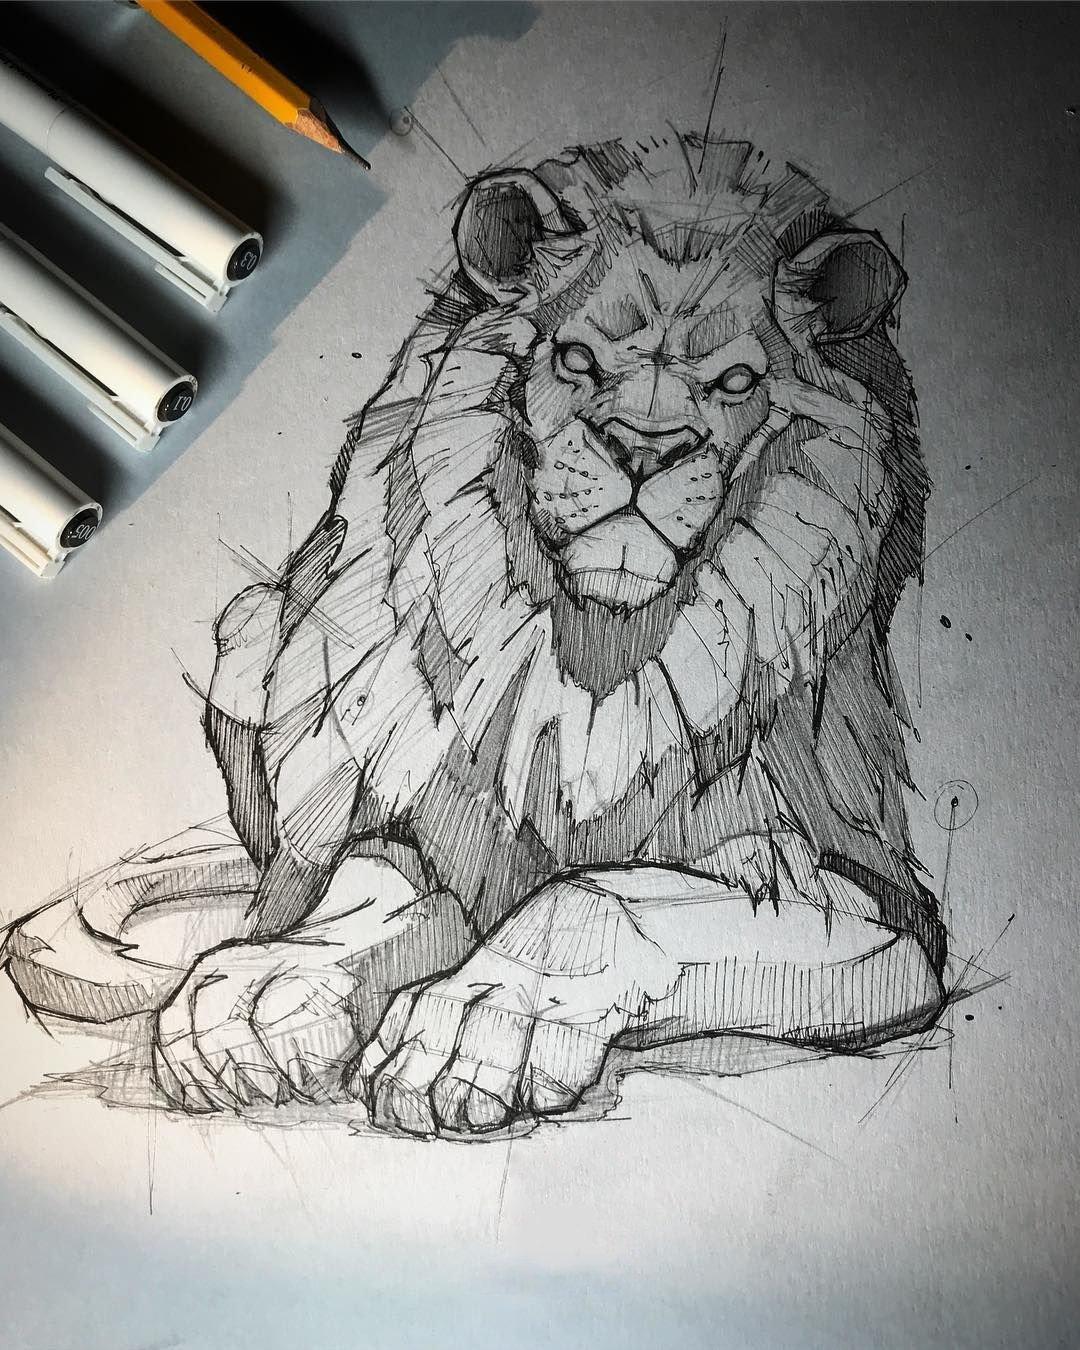 Советы По Рисованию, Идеи Для Рисунков, Рисование.